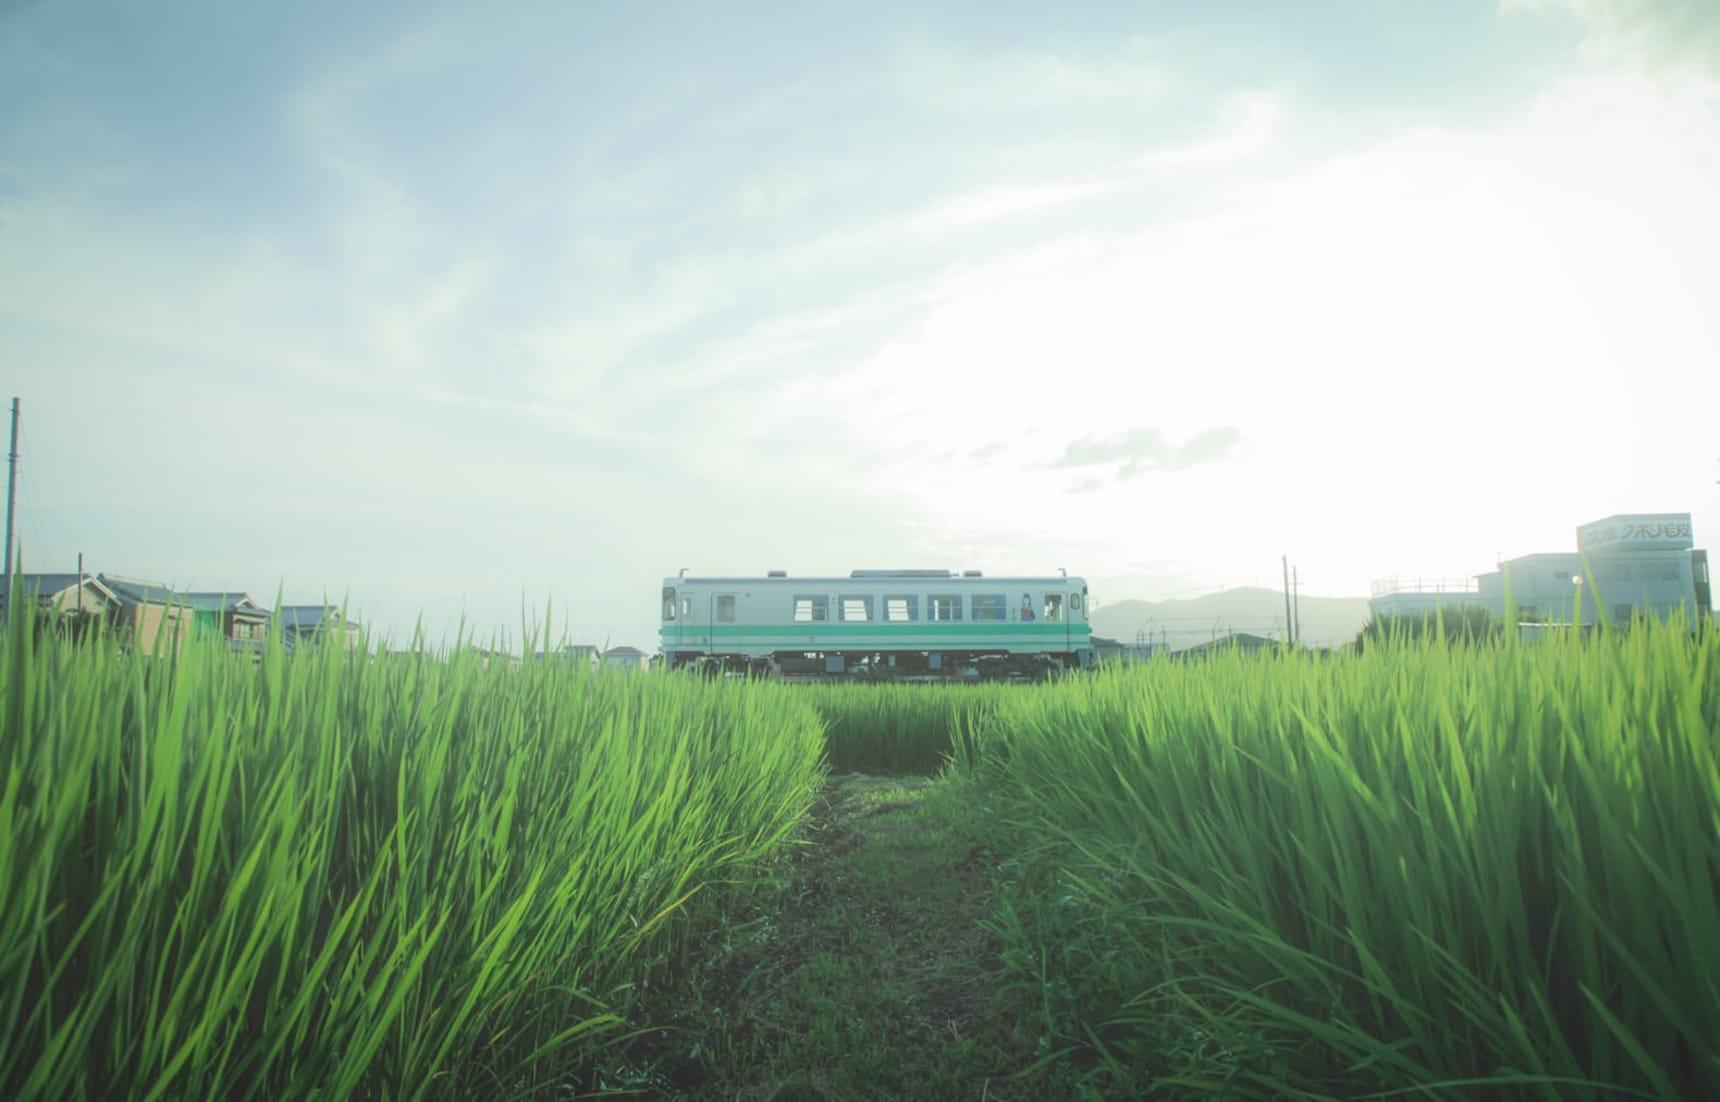 【日本觀光列車特輯・和歌山篇】穿越田園與市區!「紀州鐵道」短短8分鐘迷你火車之旅